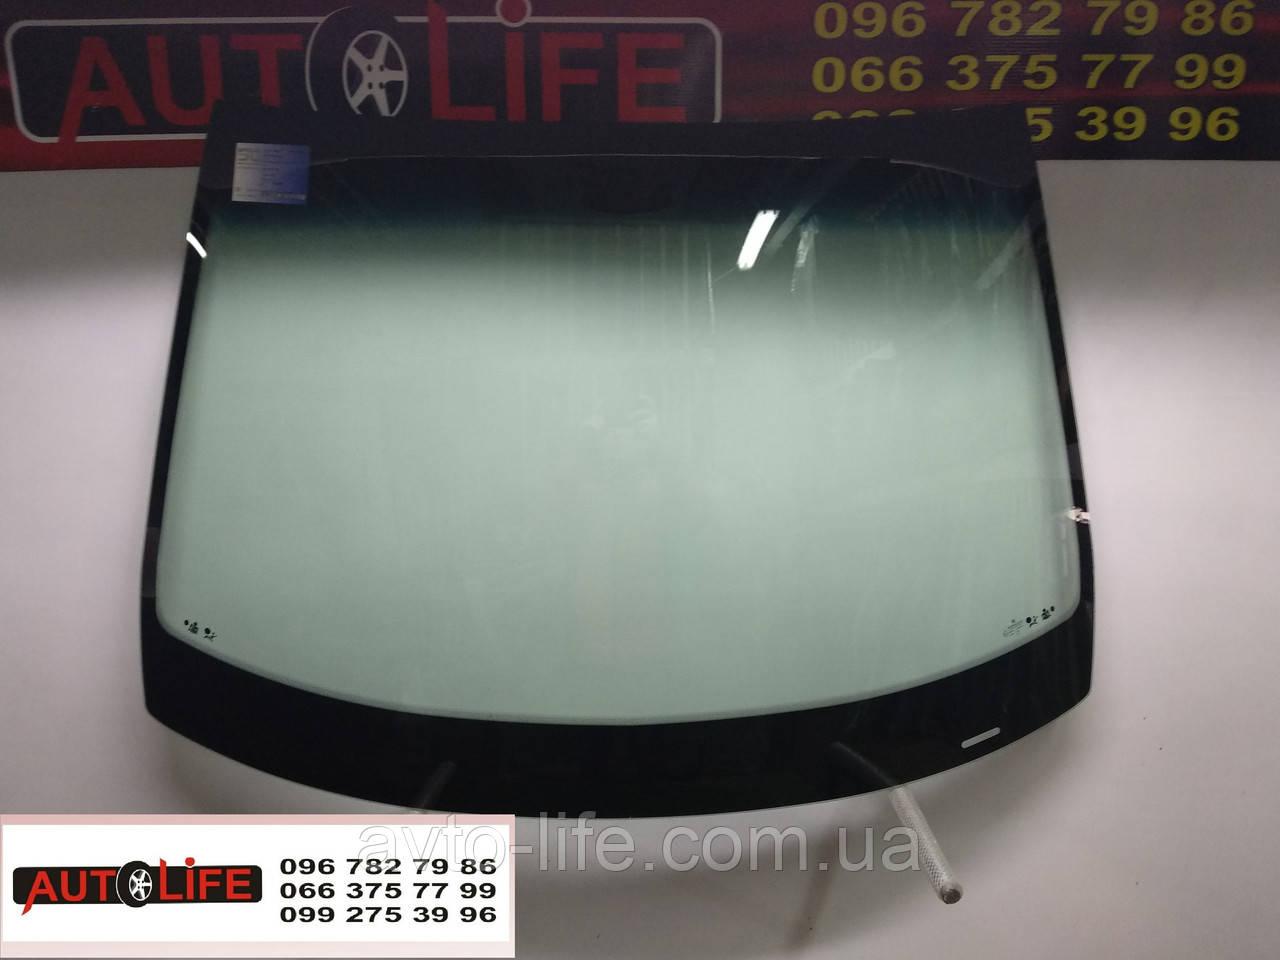 Лобовое стекло Renault Laguna 2 (2001-2008) с датчиком дождя